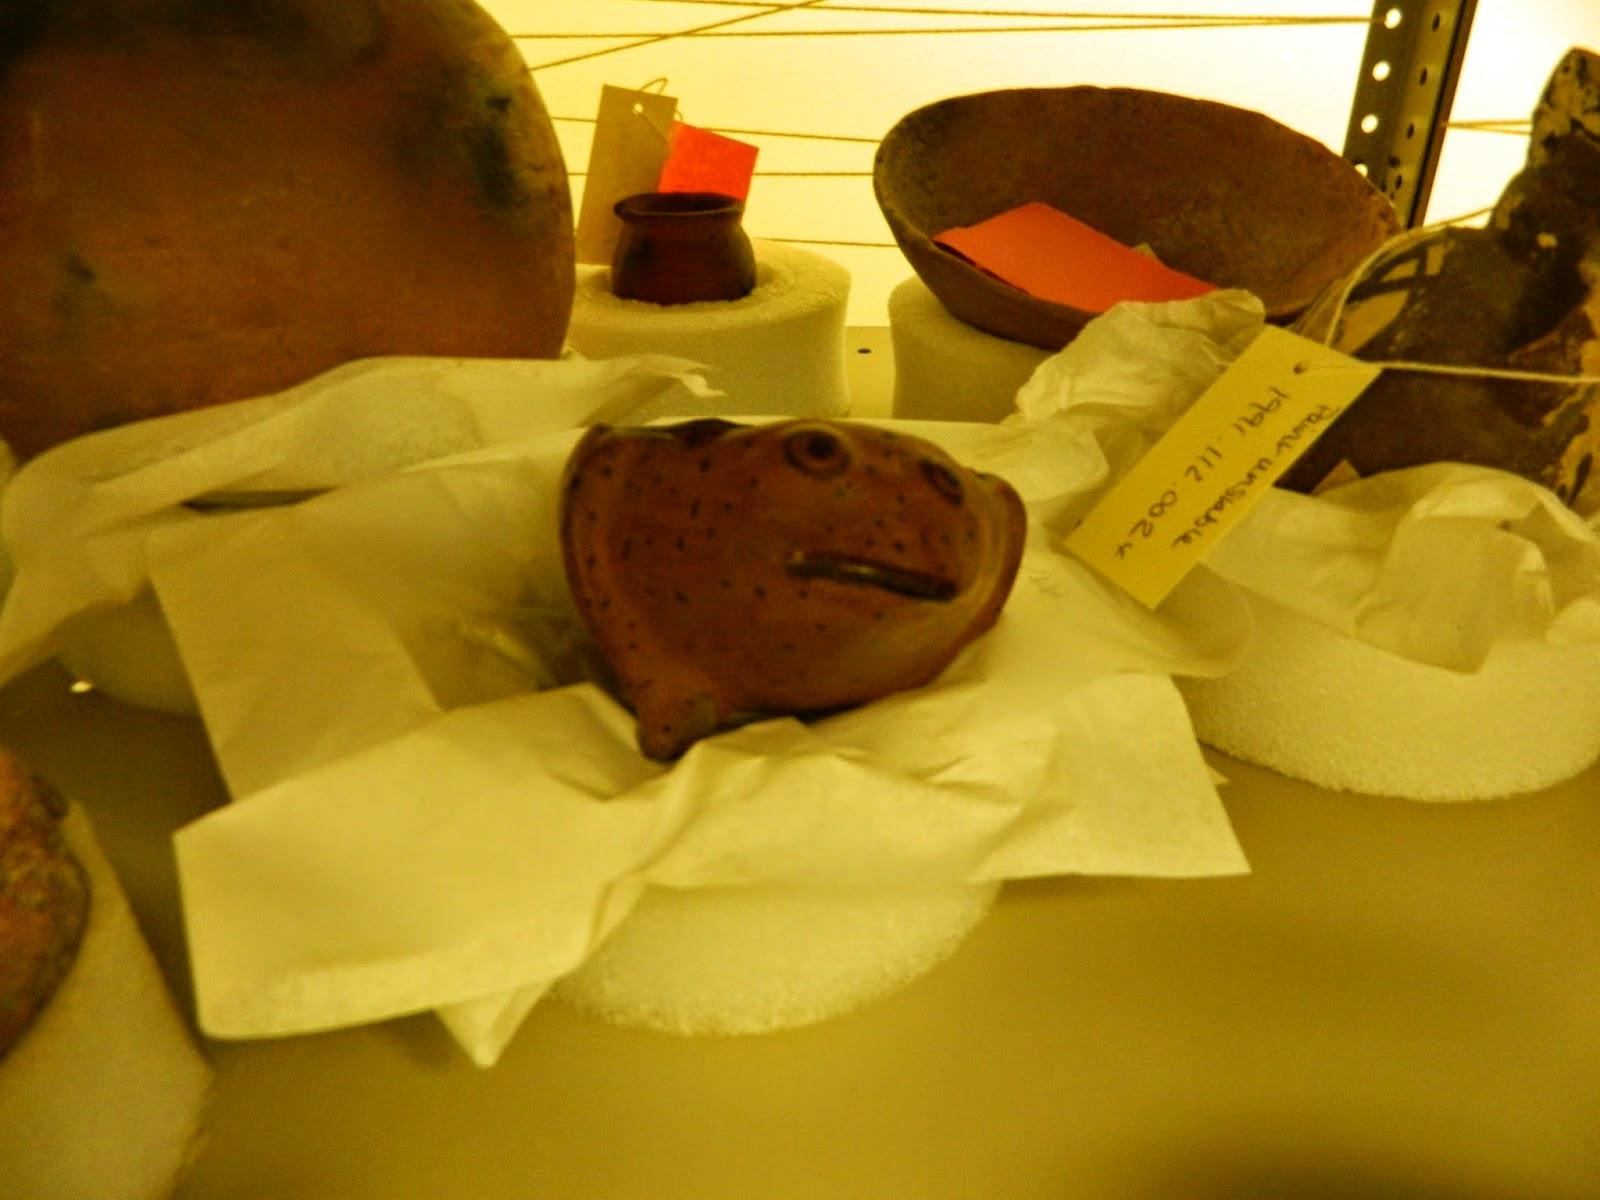 Morgan Thermal Ceramics Spirit Of The Desert Fun With Ceramics An Evening With An Expert